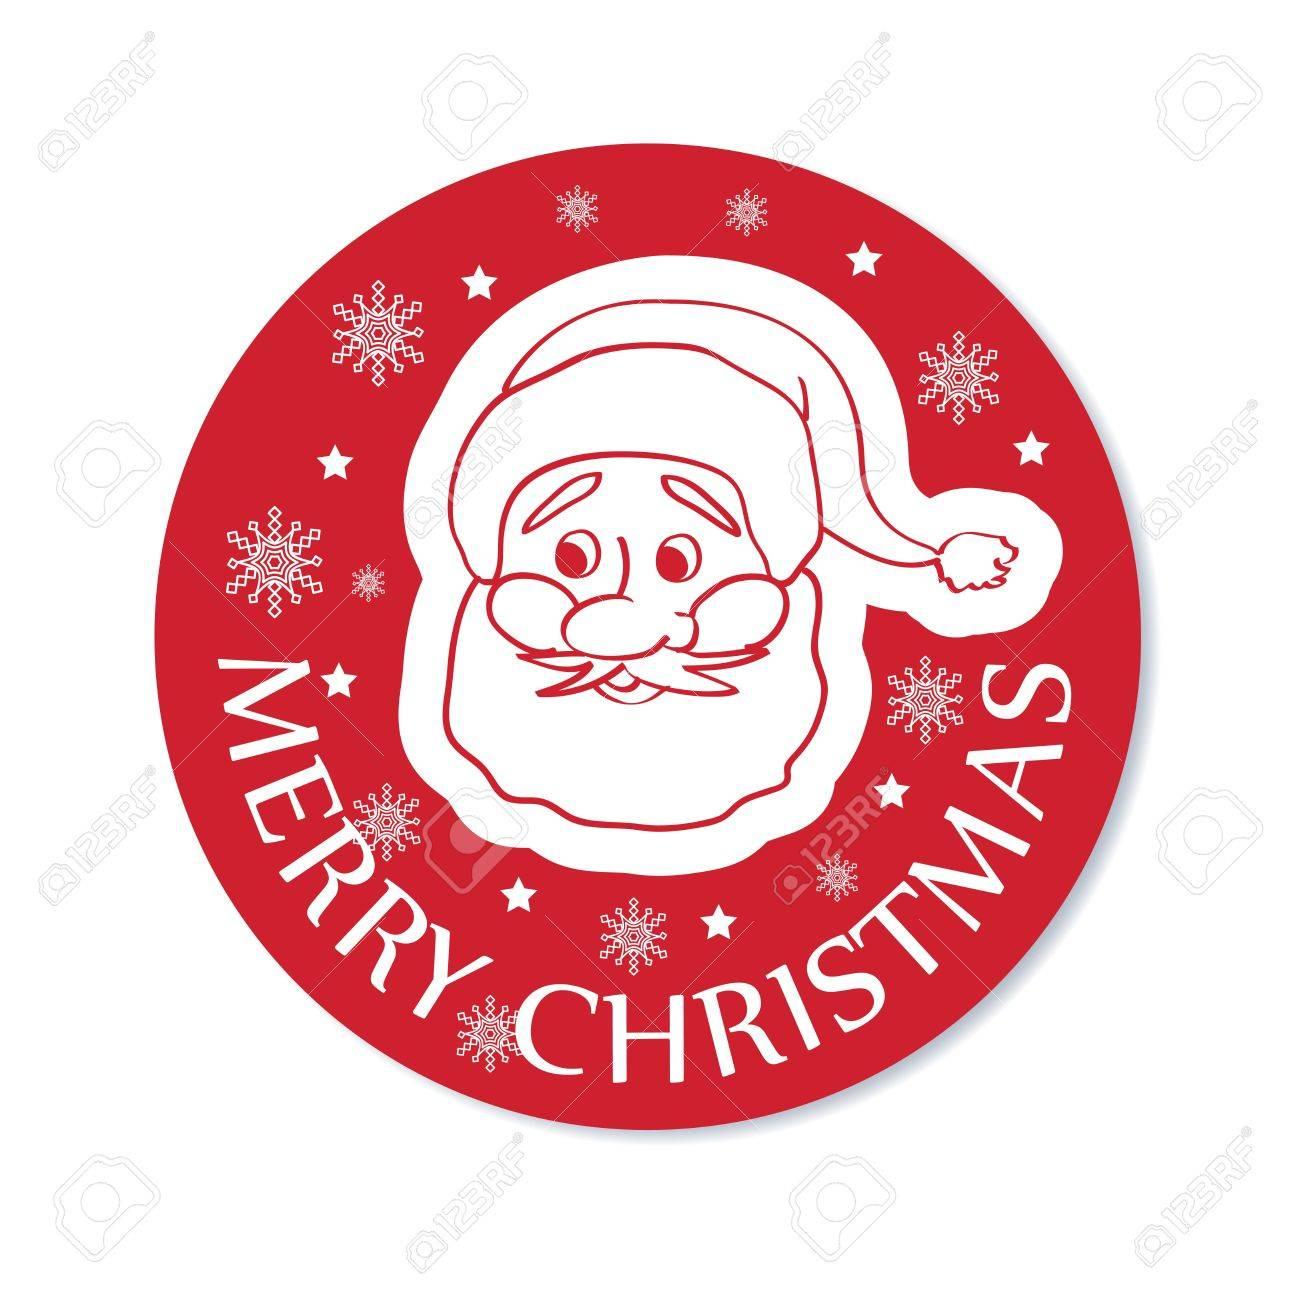 サンタの顔ベクトル イラスト ラウンド クリスマスのグリーティング